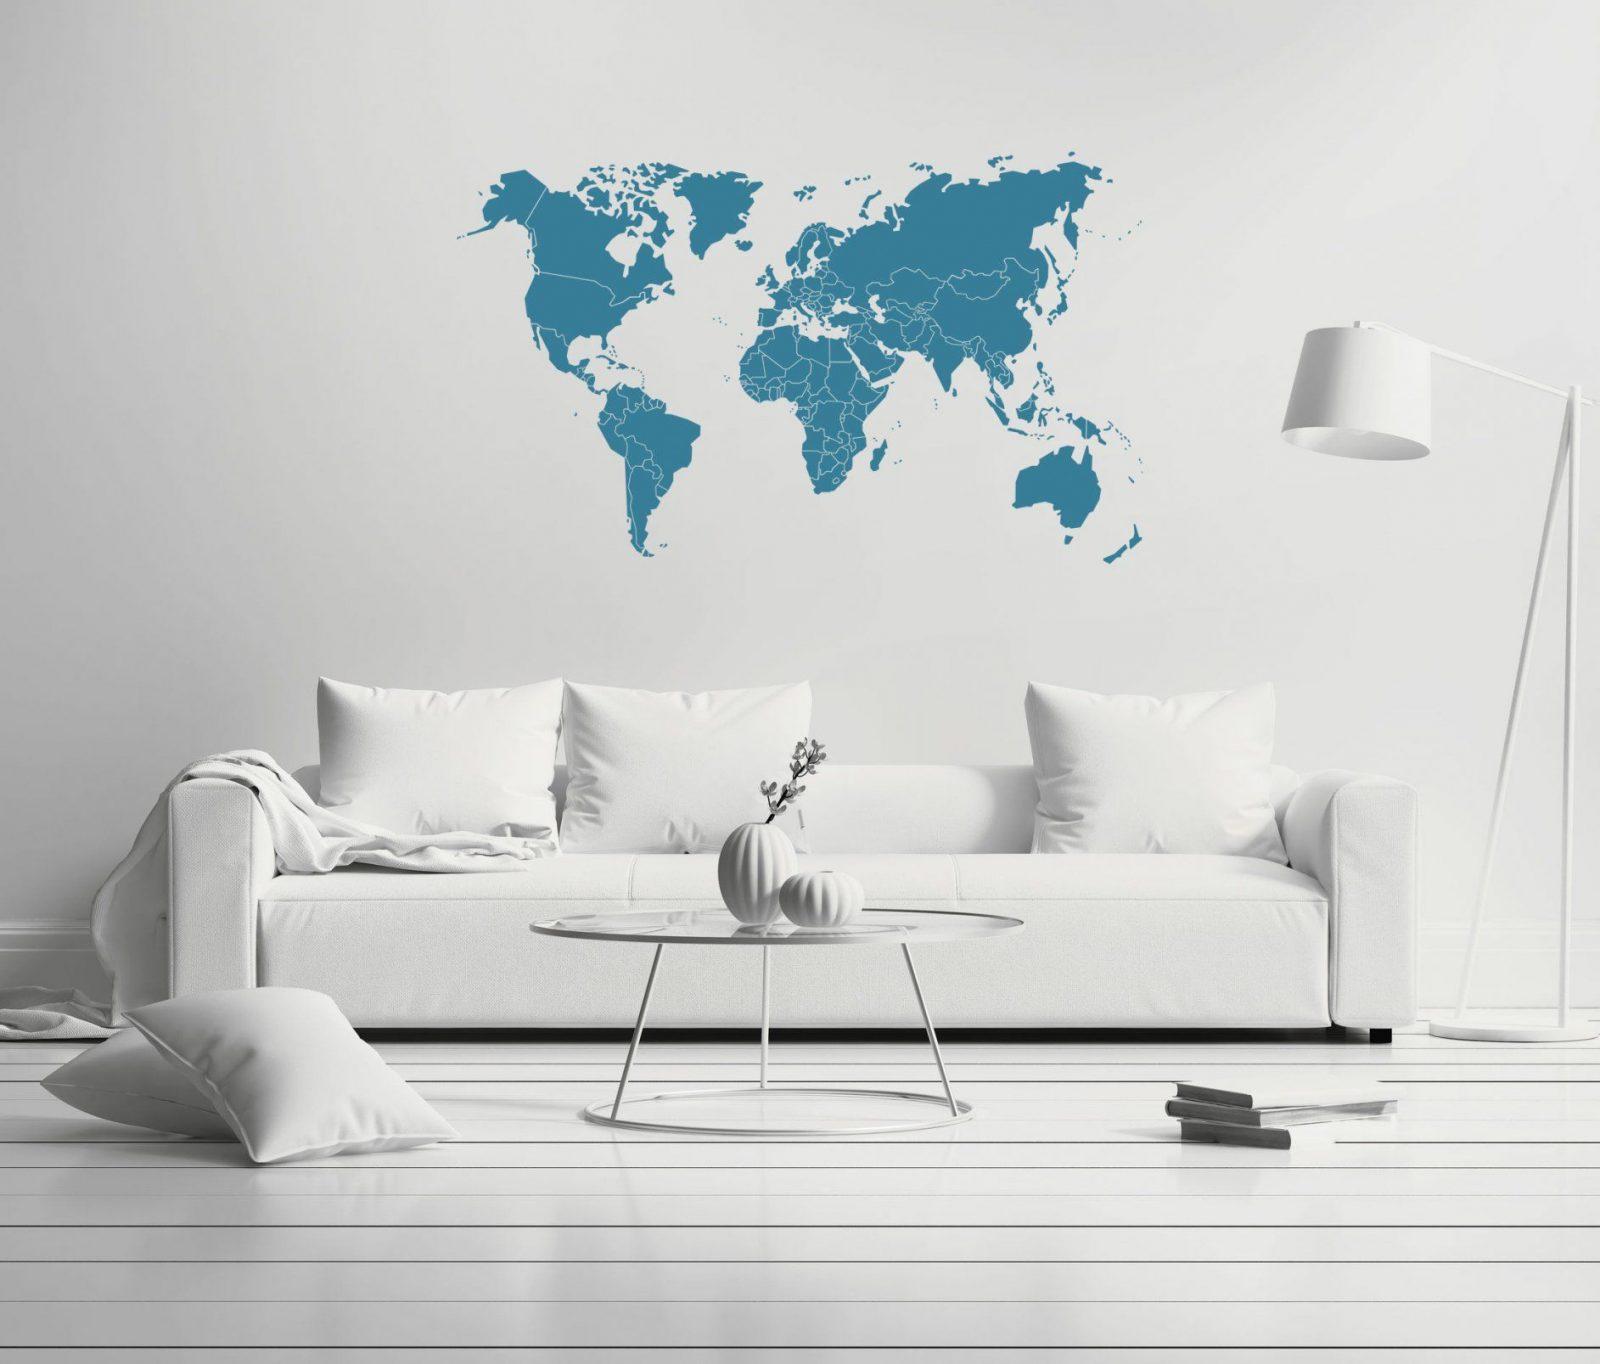 Wandtattoo Weltkarte Mit Ländergrenzen In Versch Farben Und Größen von Wandtattoo Weltkarte Mit Ländergrenzen Photo